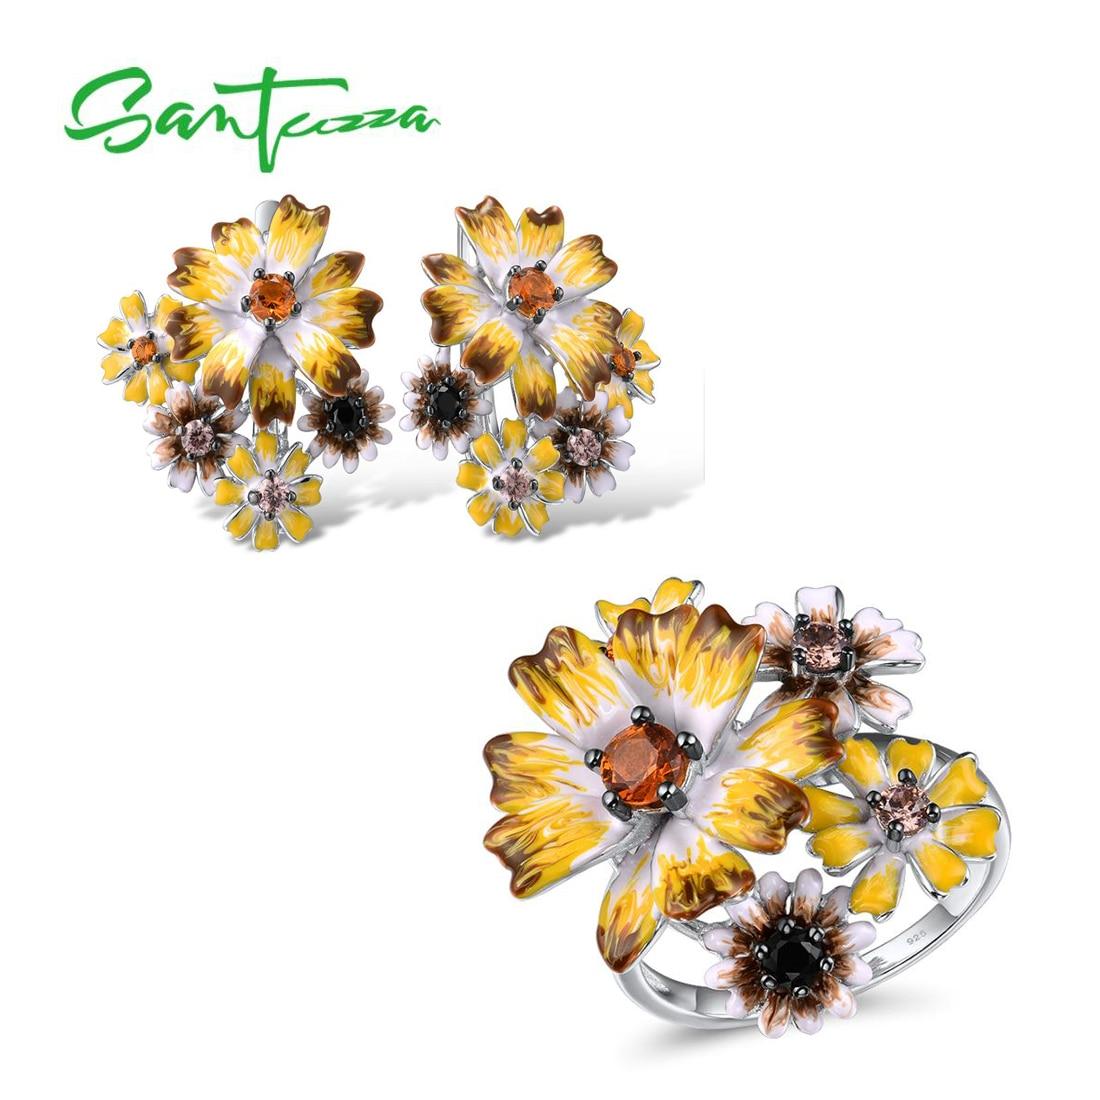 SANTUZZA Silver Jewelry Set For Women 925 Sterling Silver Elegant Yellow Flowers Earrings Ring Set Fine Jewelry Handmade Enamel